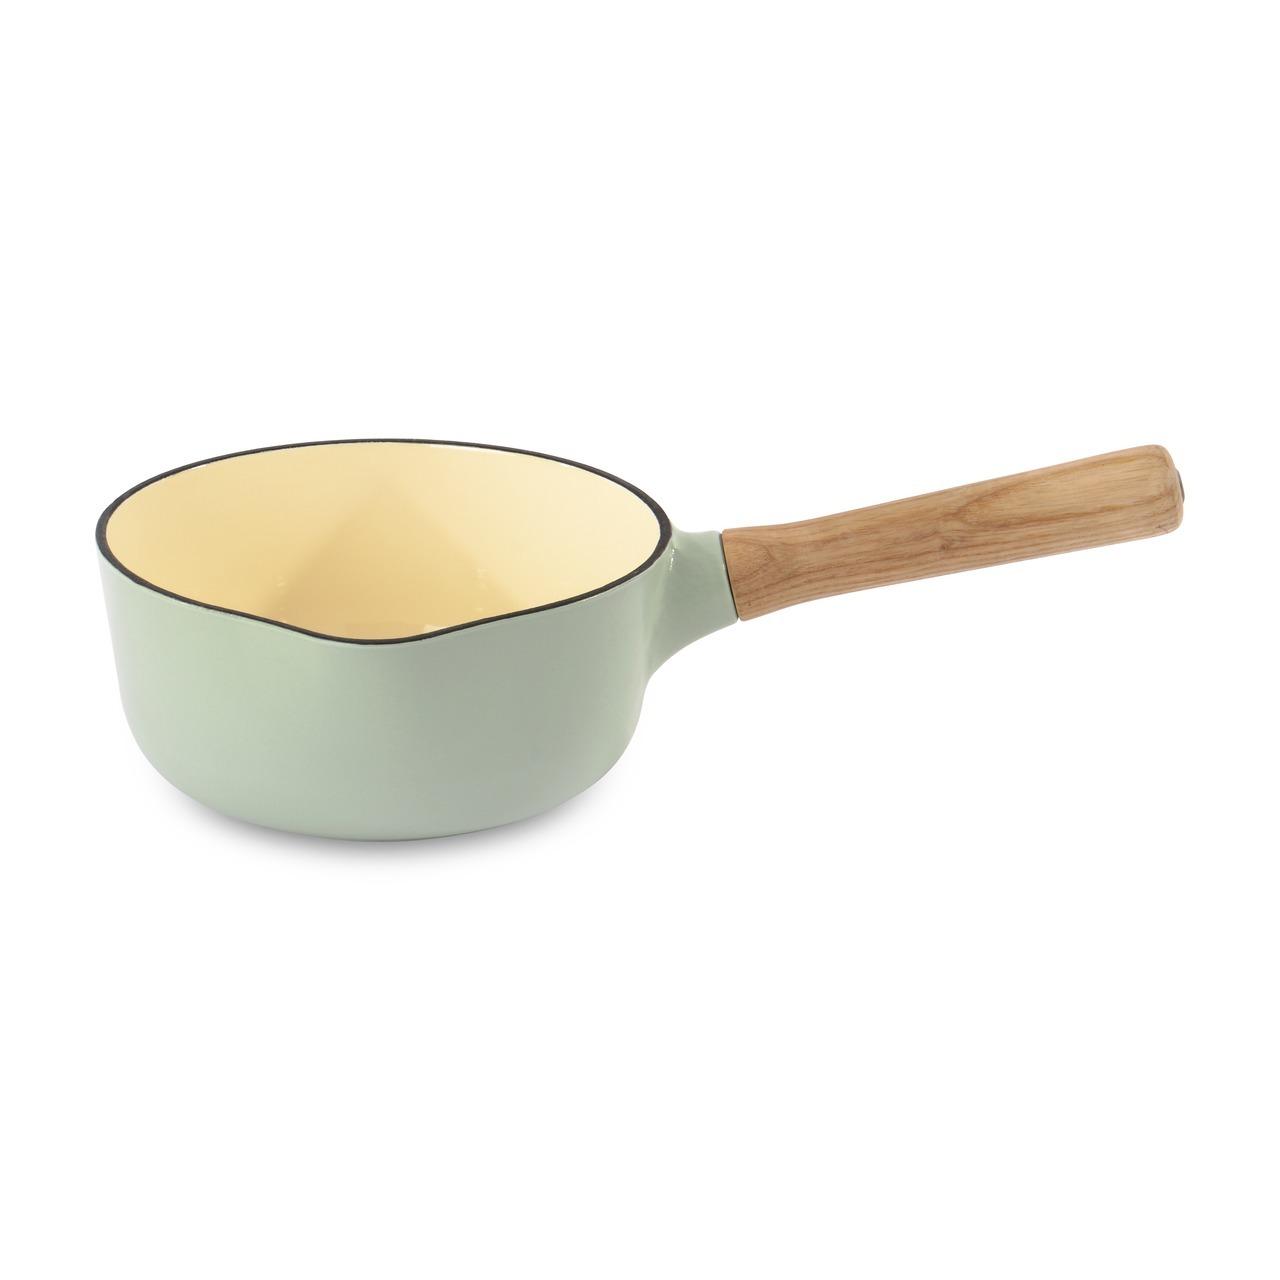 Ковш чугунный 18см 1,7л BergHOFF Ron (зеленый) 3900042Ковши<br>Ковш чугунный 18см 1,7л BergHOFF Ron (зеленый) 3900042<br><br>Для всех типов блюд в маленьких порциях и гарниров, идеален для соусов. Чугун великолепно сохраняет тепло: это идеальный выбор для тушения и томления жаркого в духовом шкафу или на плите.<br>Ручка из ясеневой древесины имеет удобную форму и приятную для прикосновения поверхность.<br>Отмеченная наградами коллекция Ron предлагает на выбор 4 впечатляющих стиля для воплощения множества кулинарных приемов. В дополнение к своей универсальности по принципу смешивай и сочетай, линия Ron выполнена в стилистическом единстве: штатный дизайнер BergHOFF Питер Рукс с любовью создавал каждый предмет, используя как сочетающиеся, так и контрастирующие цвета и материалы.<br>Официальный продавец BergHOFF<br>